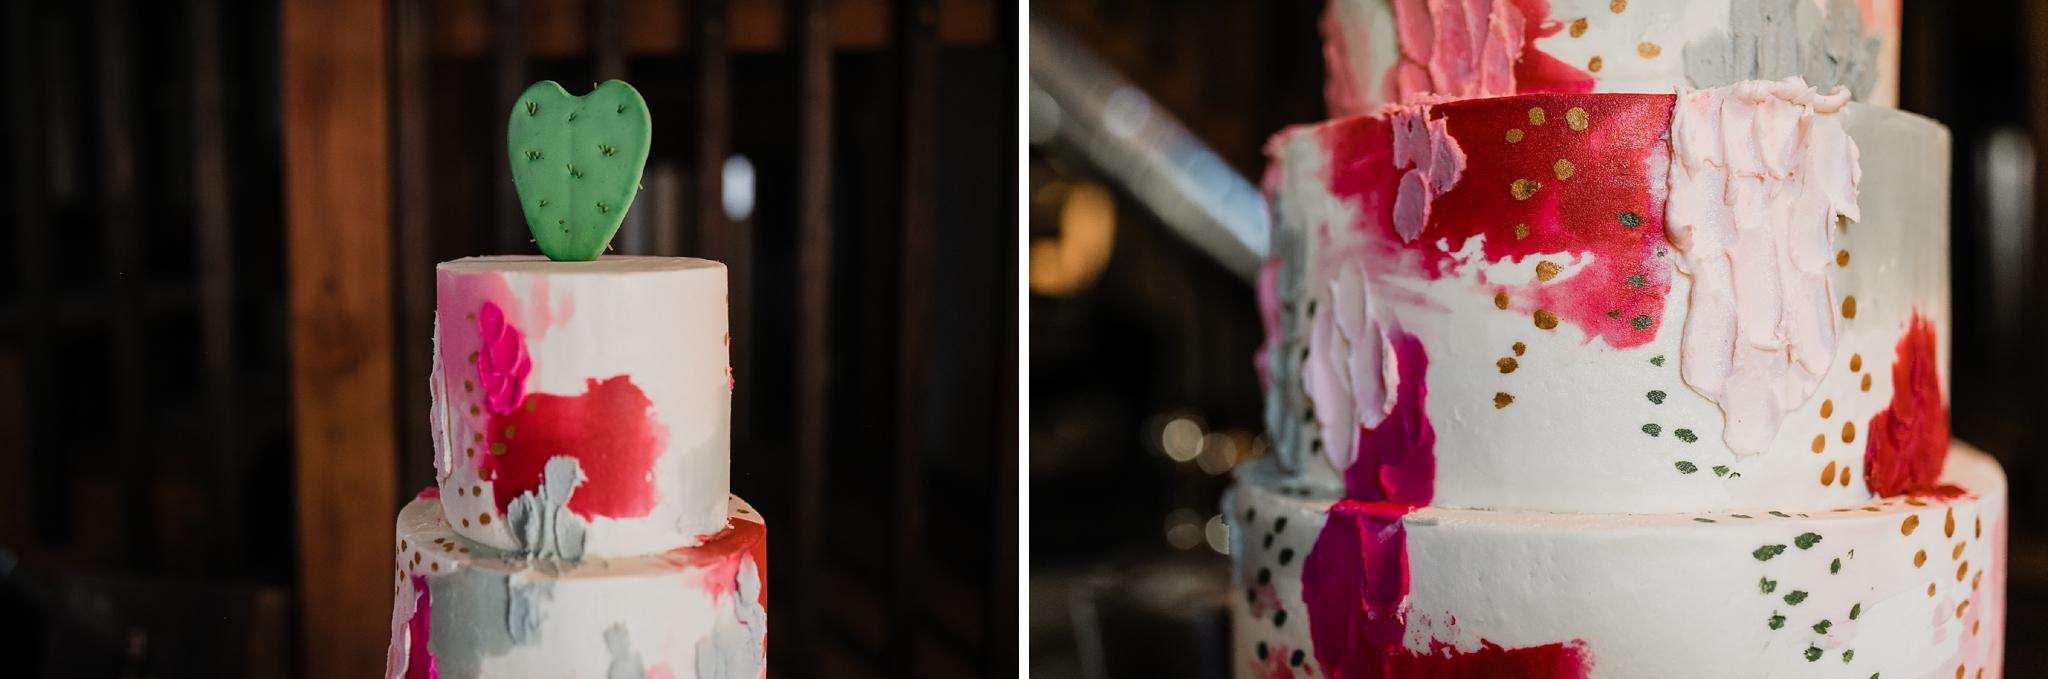 Alicia+lucia+photography+-+albuquerque+wedding+photographer+-+santa+fe+wedding+photography+-+new+mexico+wedding+photographer+-+new+mexico+wedding+-+new+mexico+wedding+-+barn+wedding+-+enchanted+vine+barn+wedding+-+ruidoso+wedding_0078.jpg